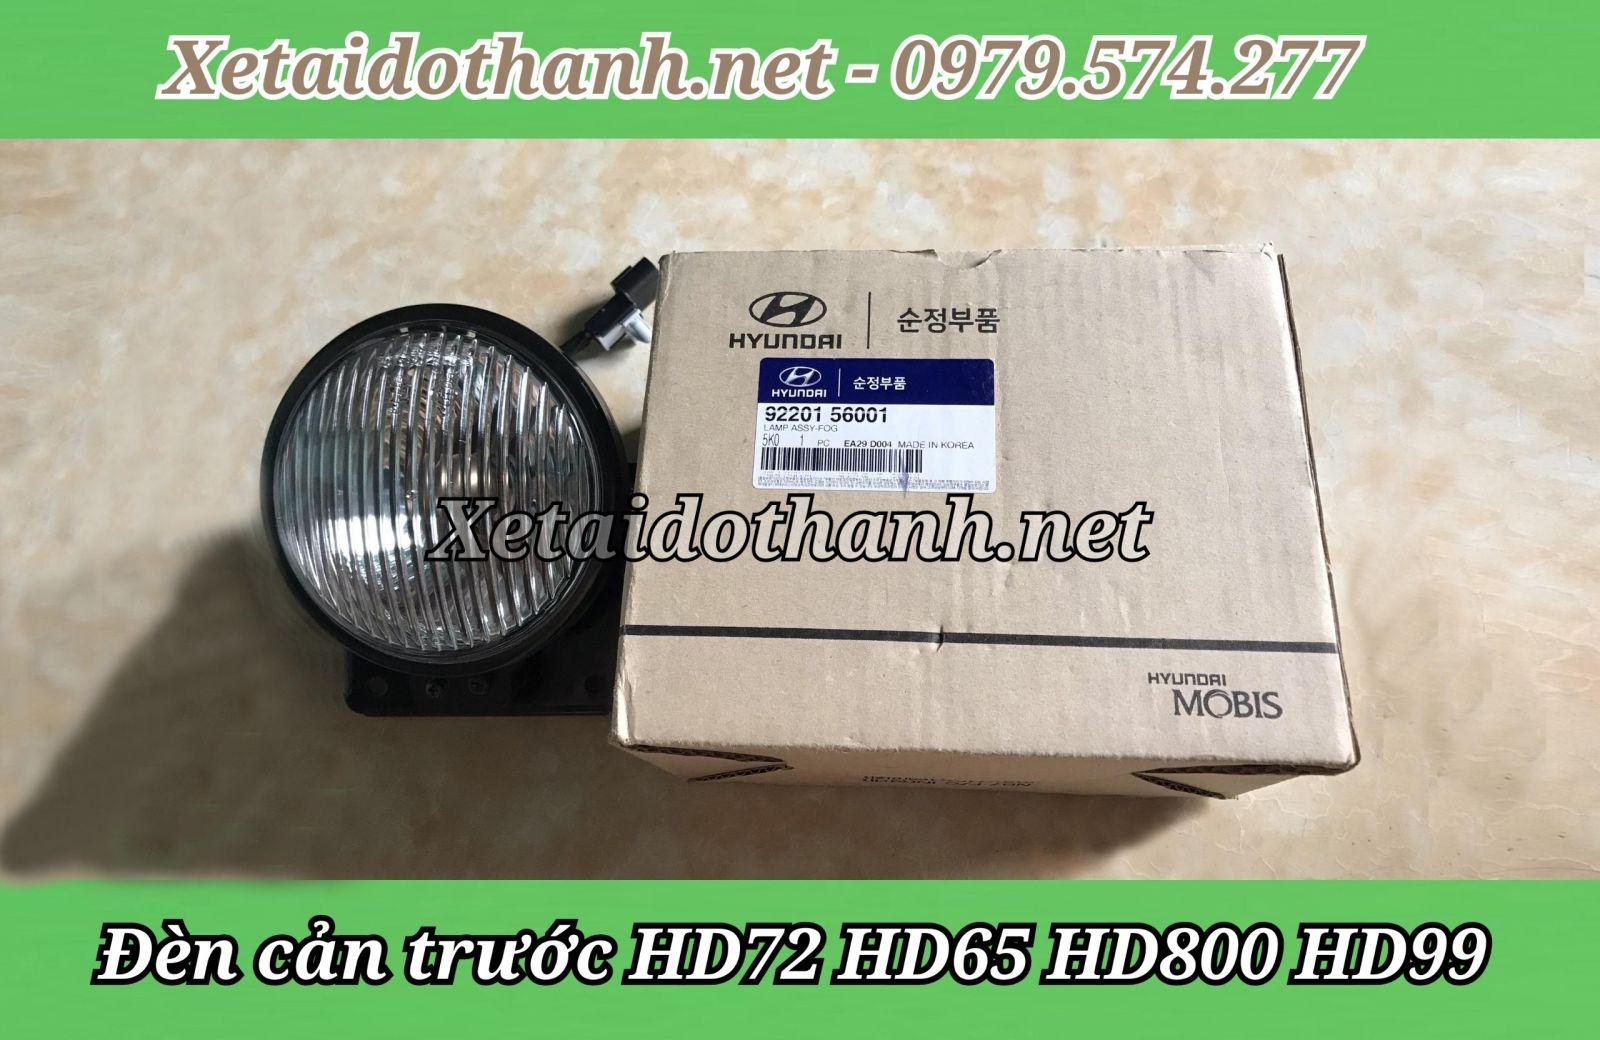 DEN CAN XE TAI HD99 CHINH HANG